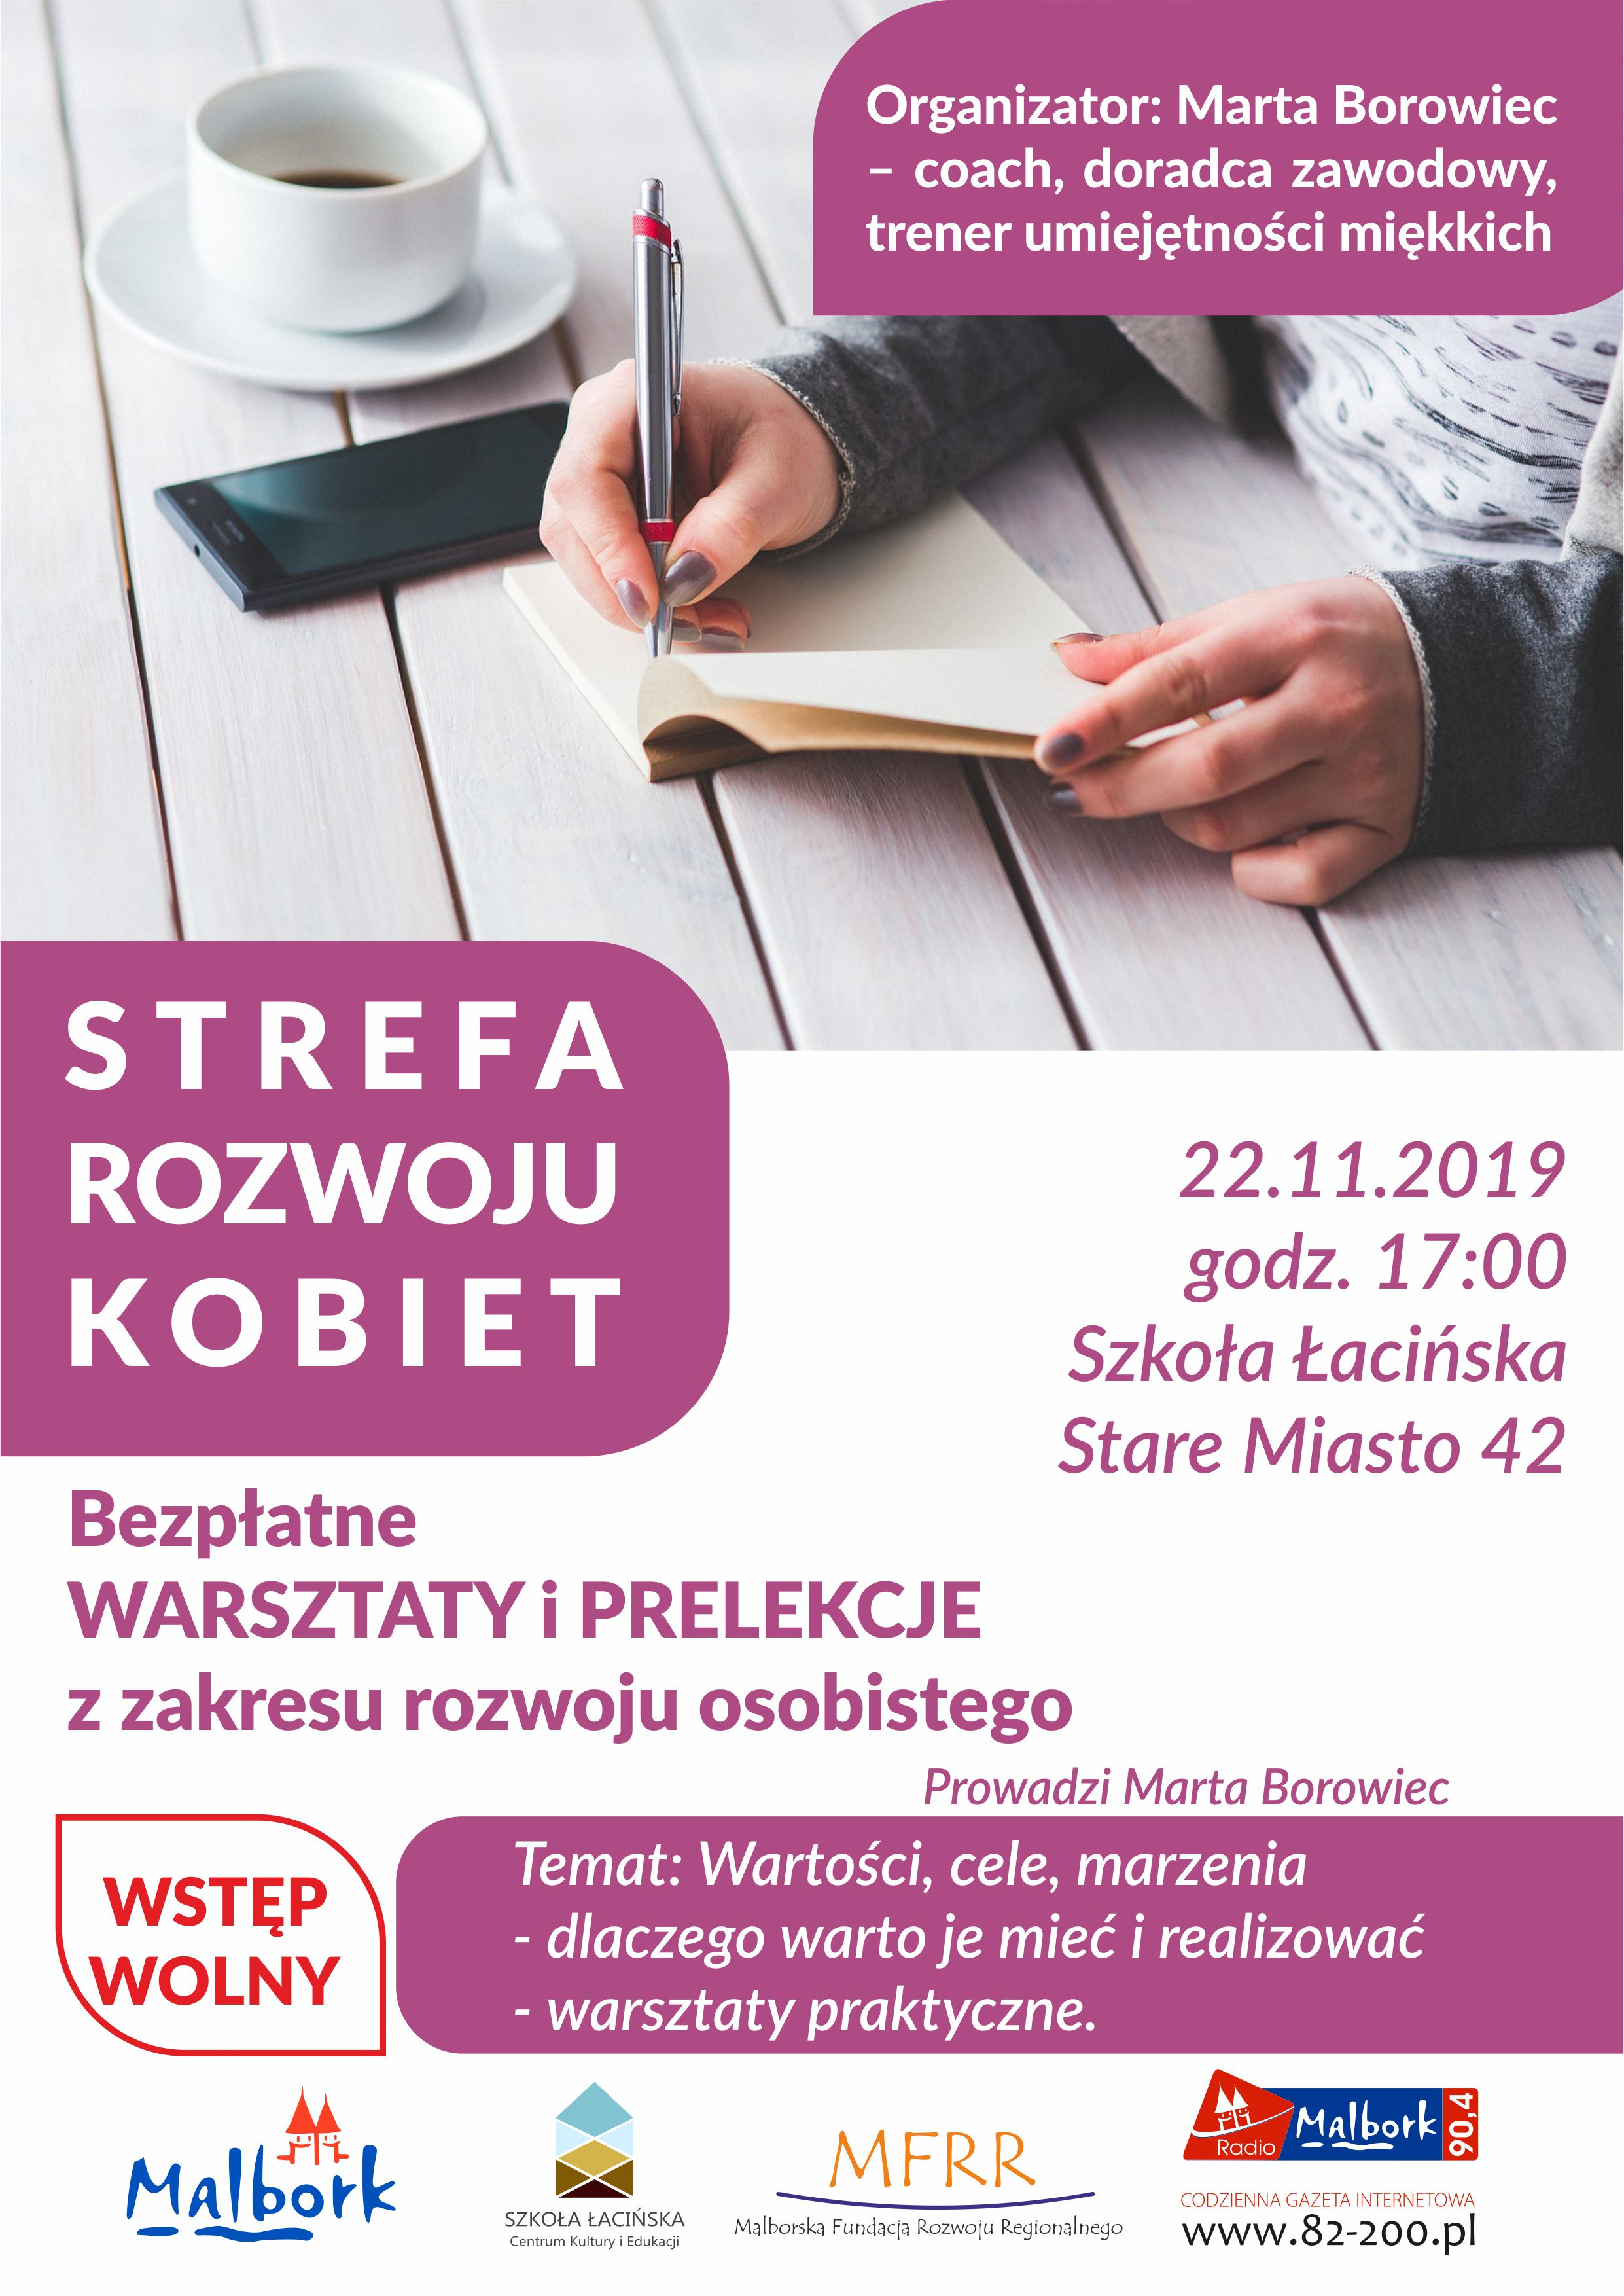 http://m.82-200.pl/2019/11/orig/strefa5-5230.jpg